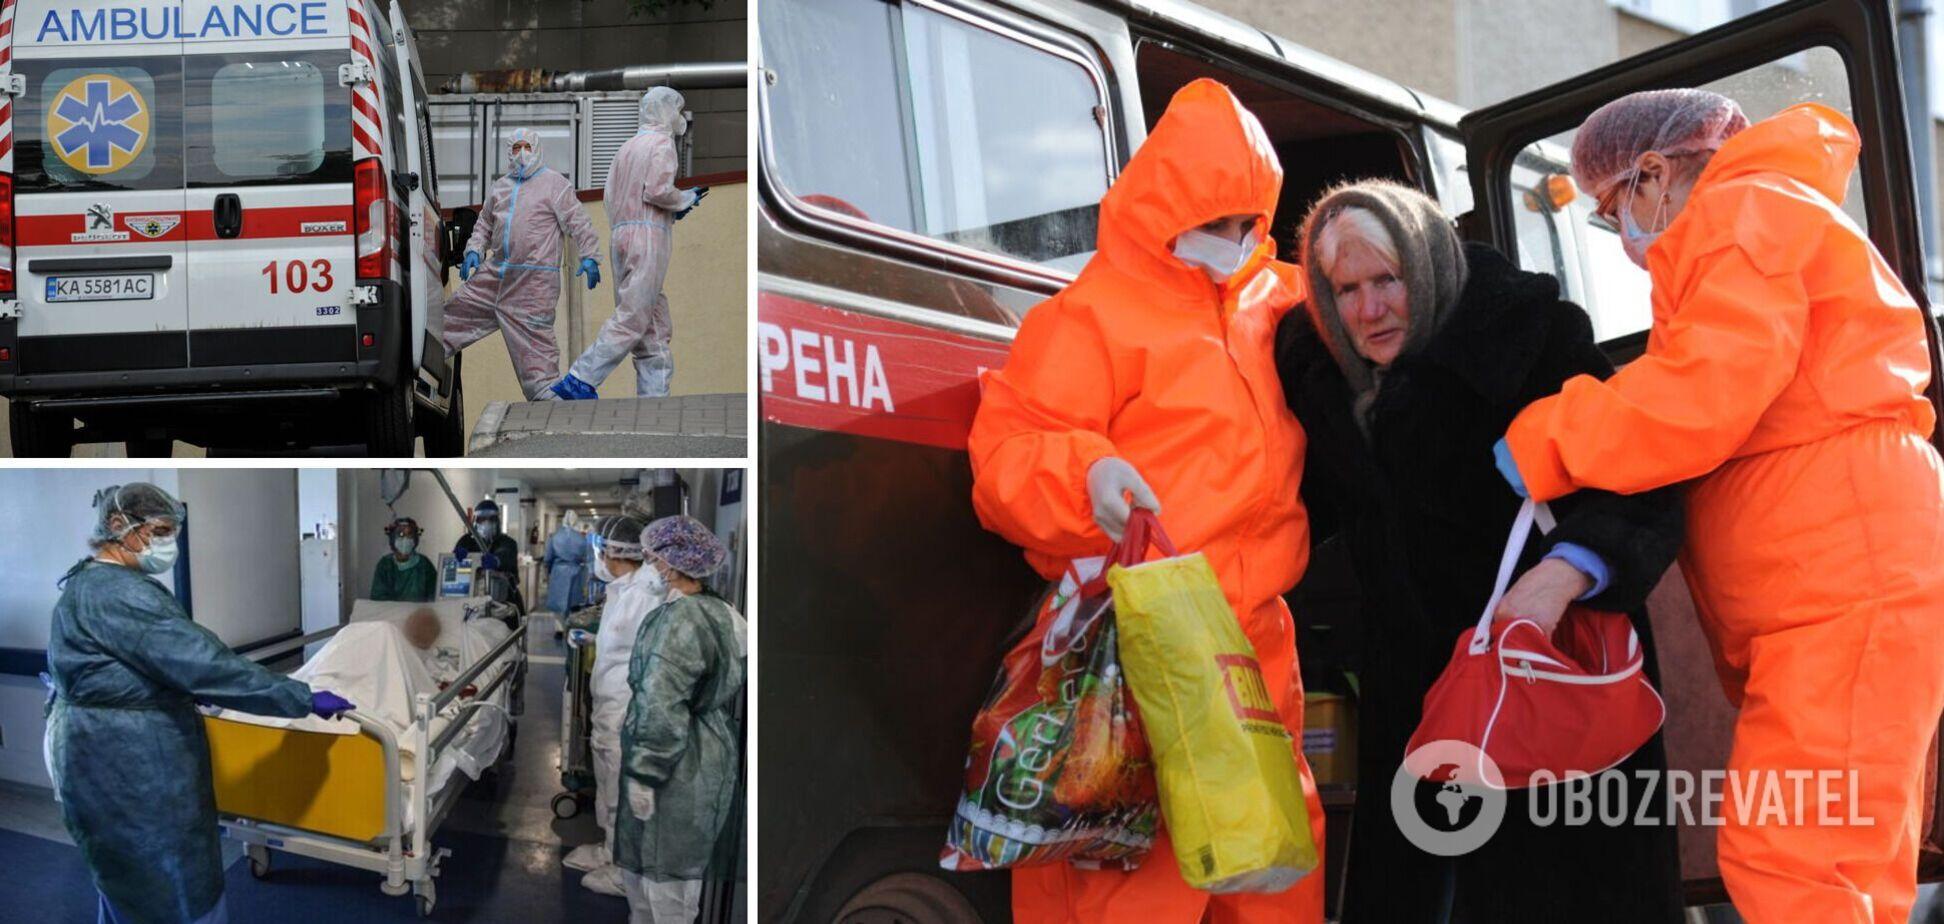 Больницы забиты, людей кладут в коридорах: COVID-19 с новой силой ударил по Николаеву